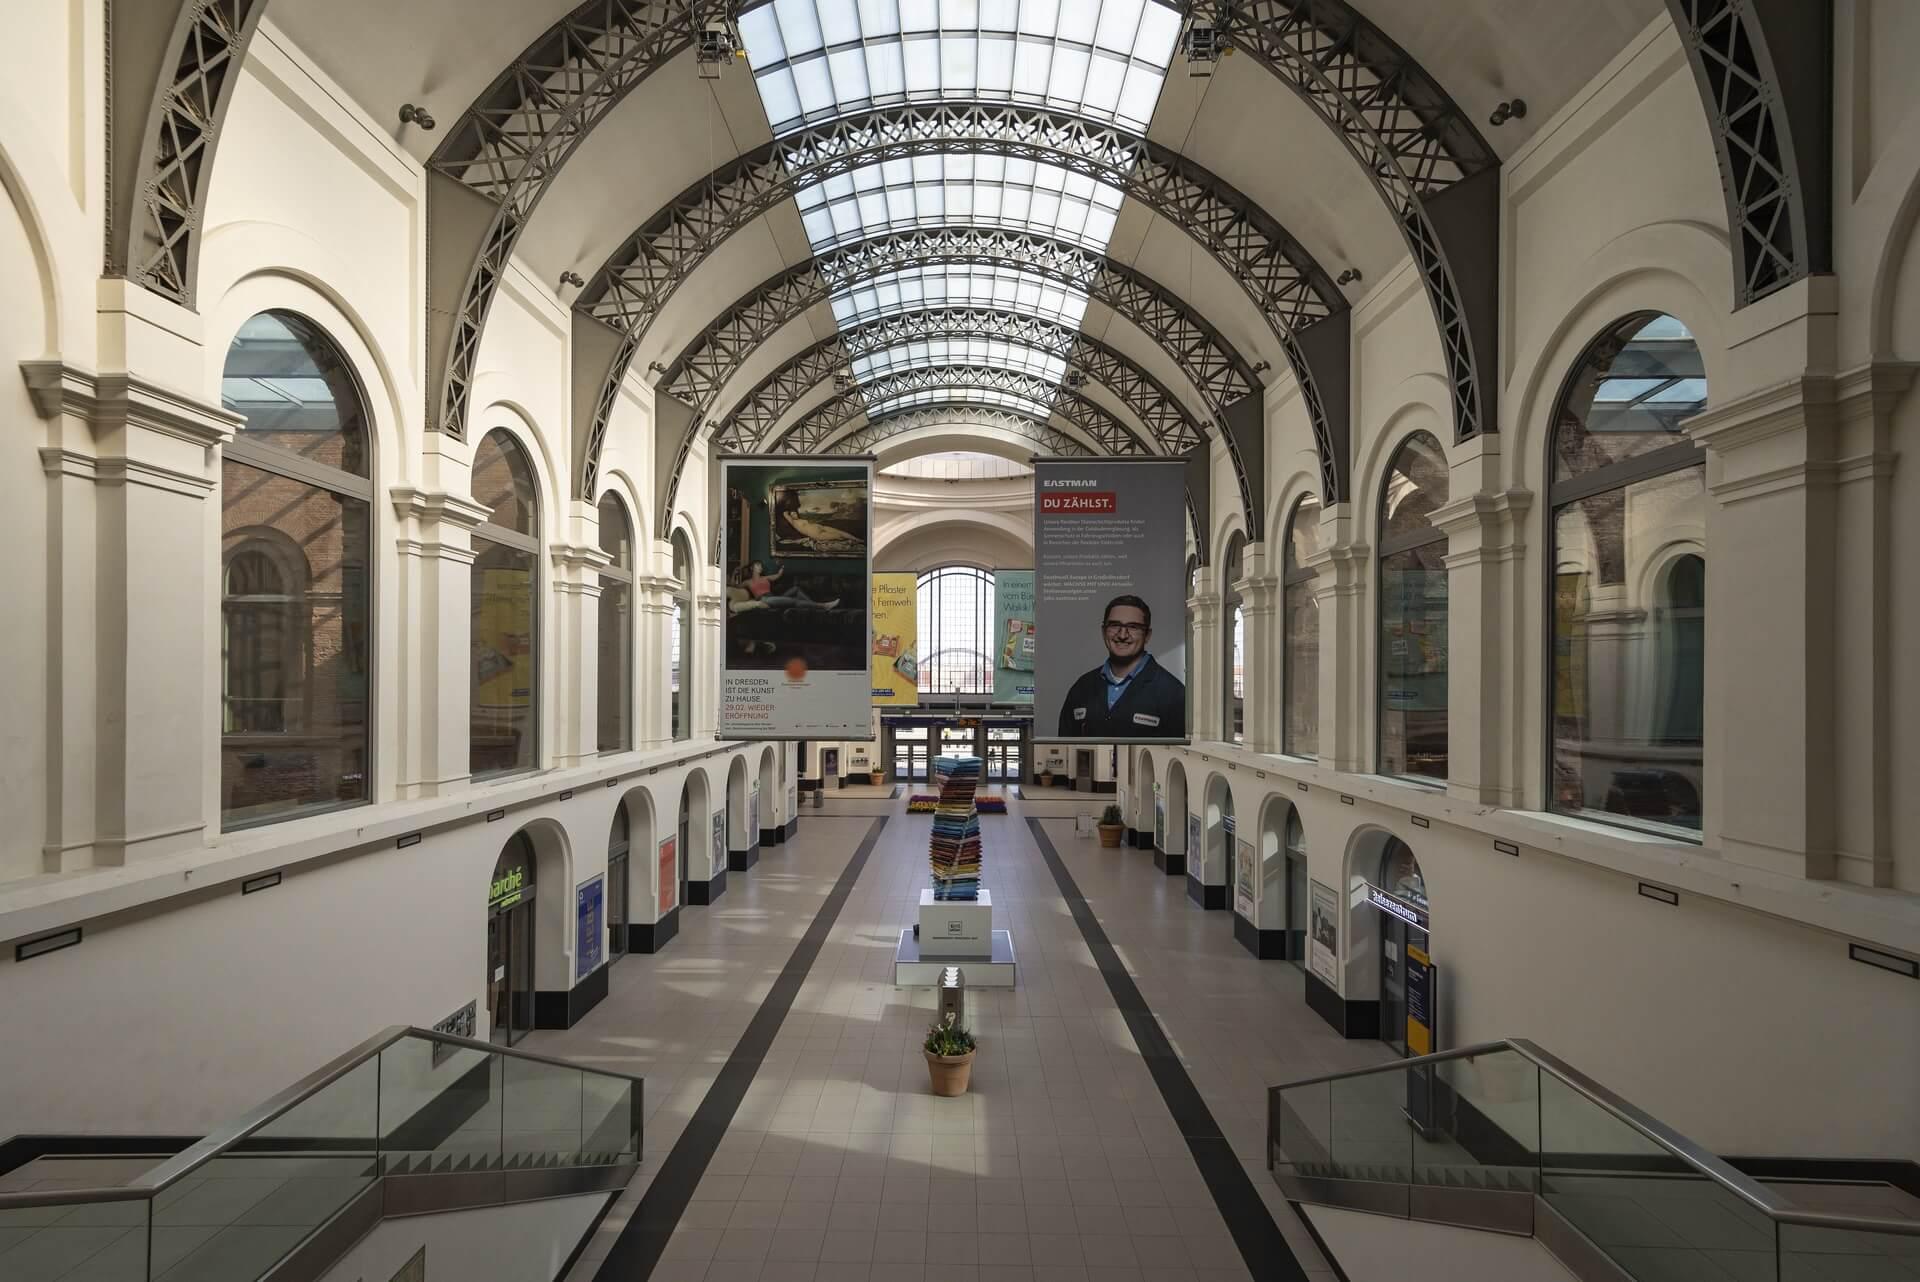 Dresden: Hauptbahnhof, Frühjahr 2020, Eindrücke von der Ausgangsbeschränkung während der COVID-19 Pandemie